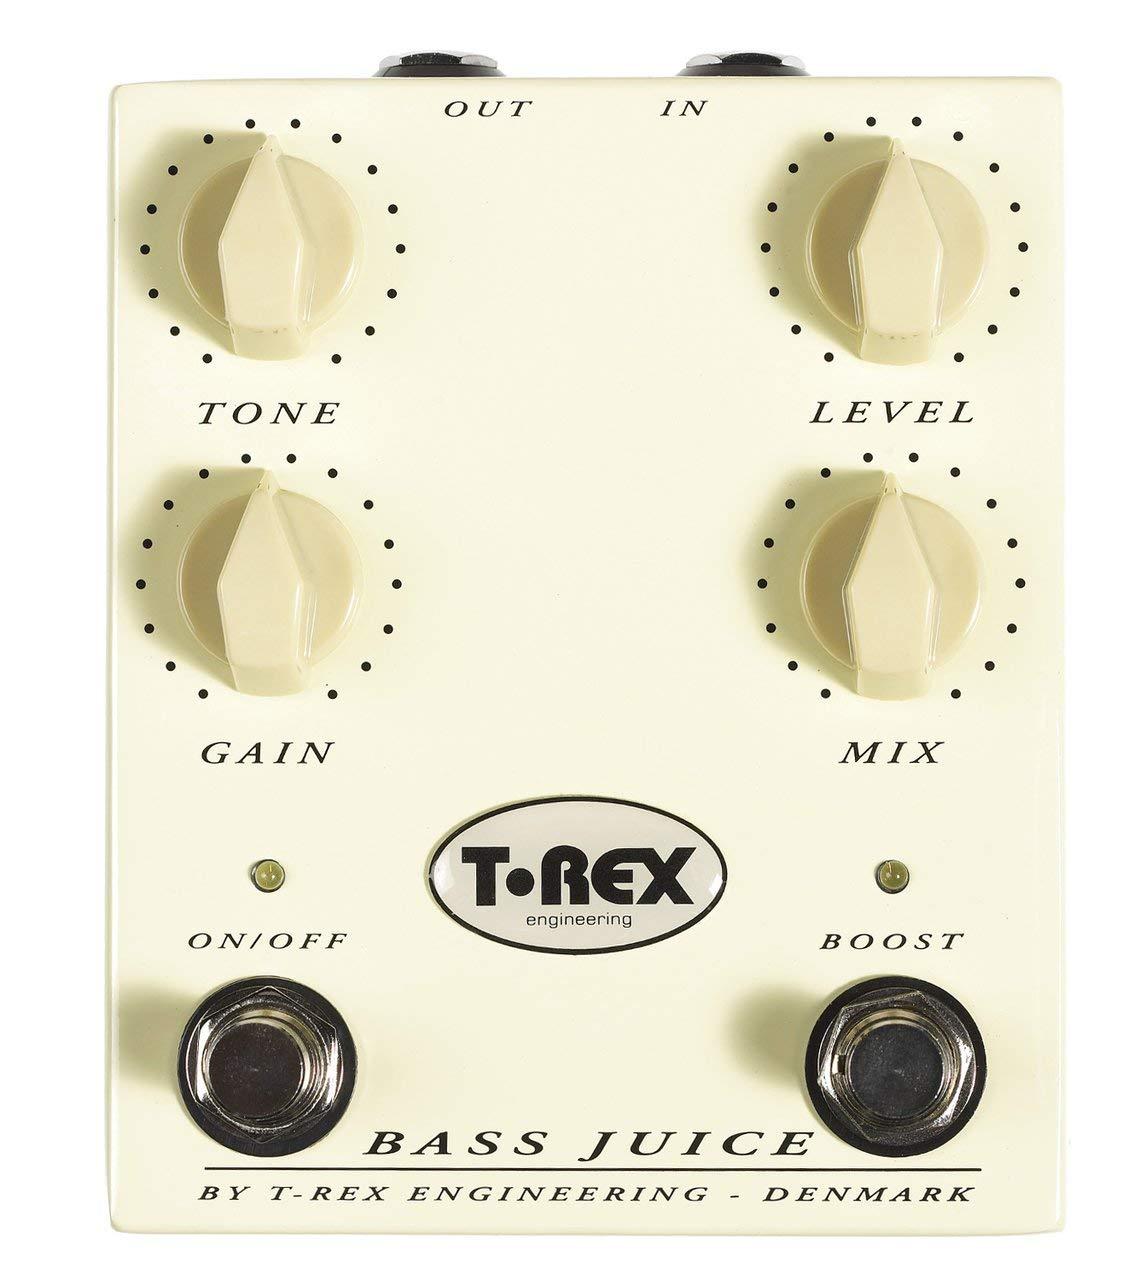 T-Rex ◆ BASS JUICE - BASS OVERDRIVE ◆ (ベース ジュース - ベース オーバードライブ)ベース エフェクター 『並行輸入品』   B07N95Y3QS